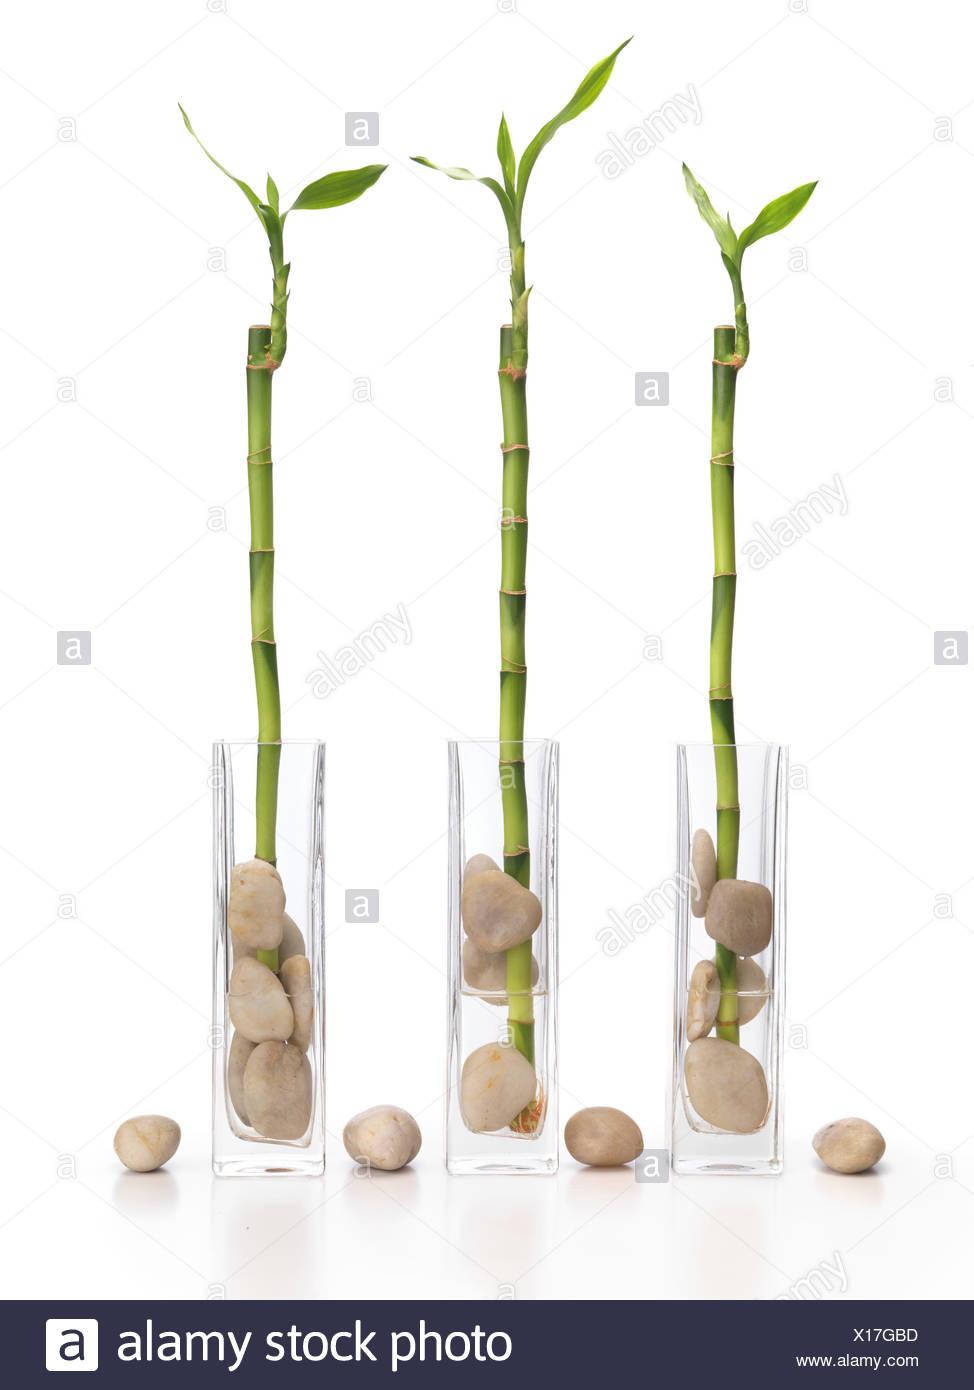 trois lucky bambou en pot plantes feng shui banque d'images, photo